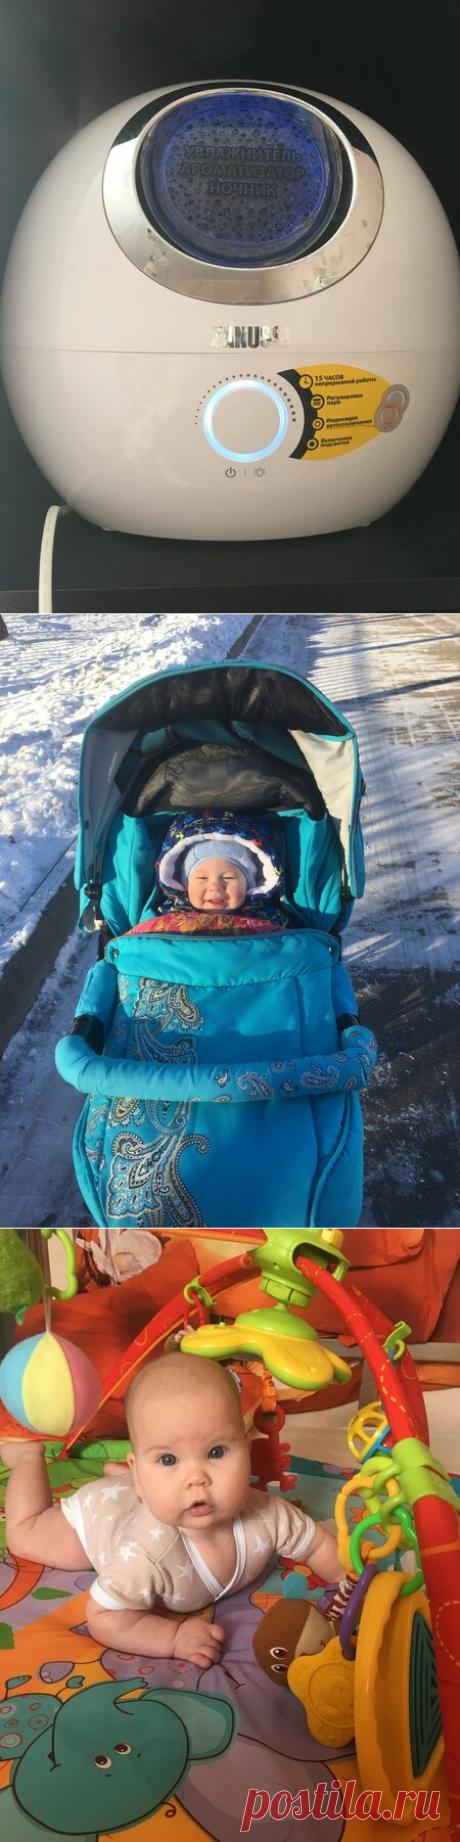 Первые покупки для малыша | 👨👩👧👦  Растим много детей  | Яндекс Дзен Только реально нужные вещи! Не тратьте деньги зря!